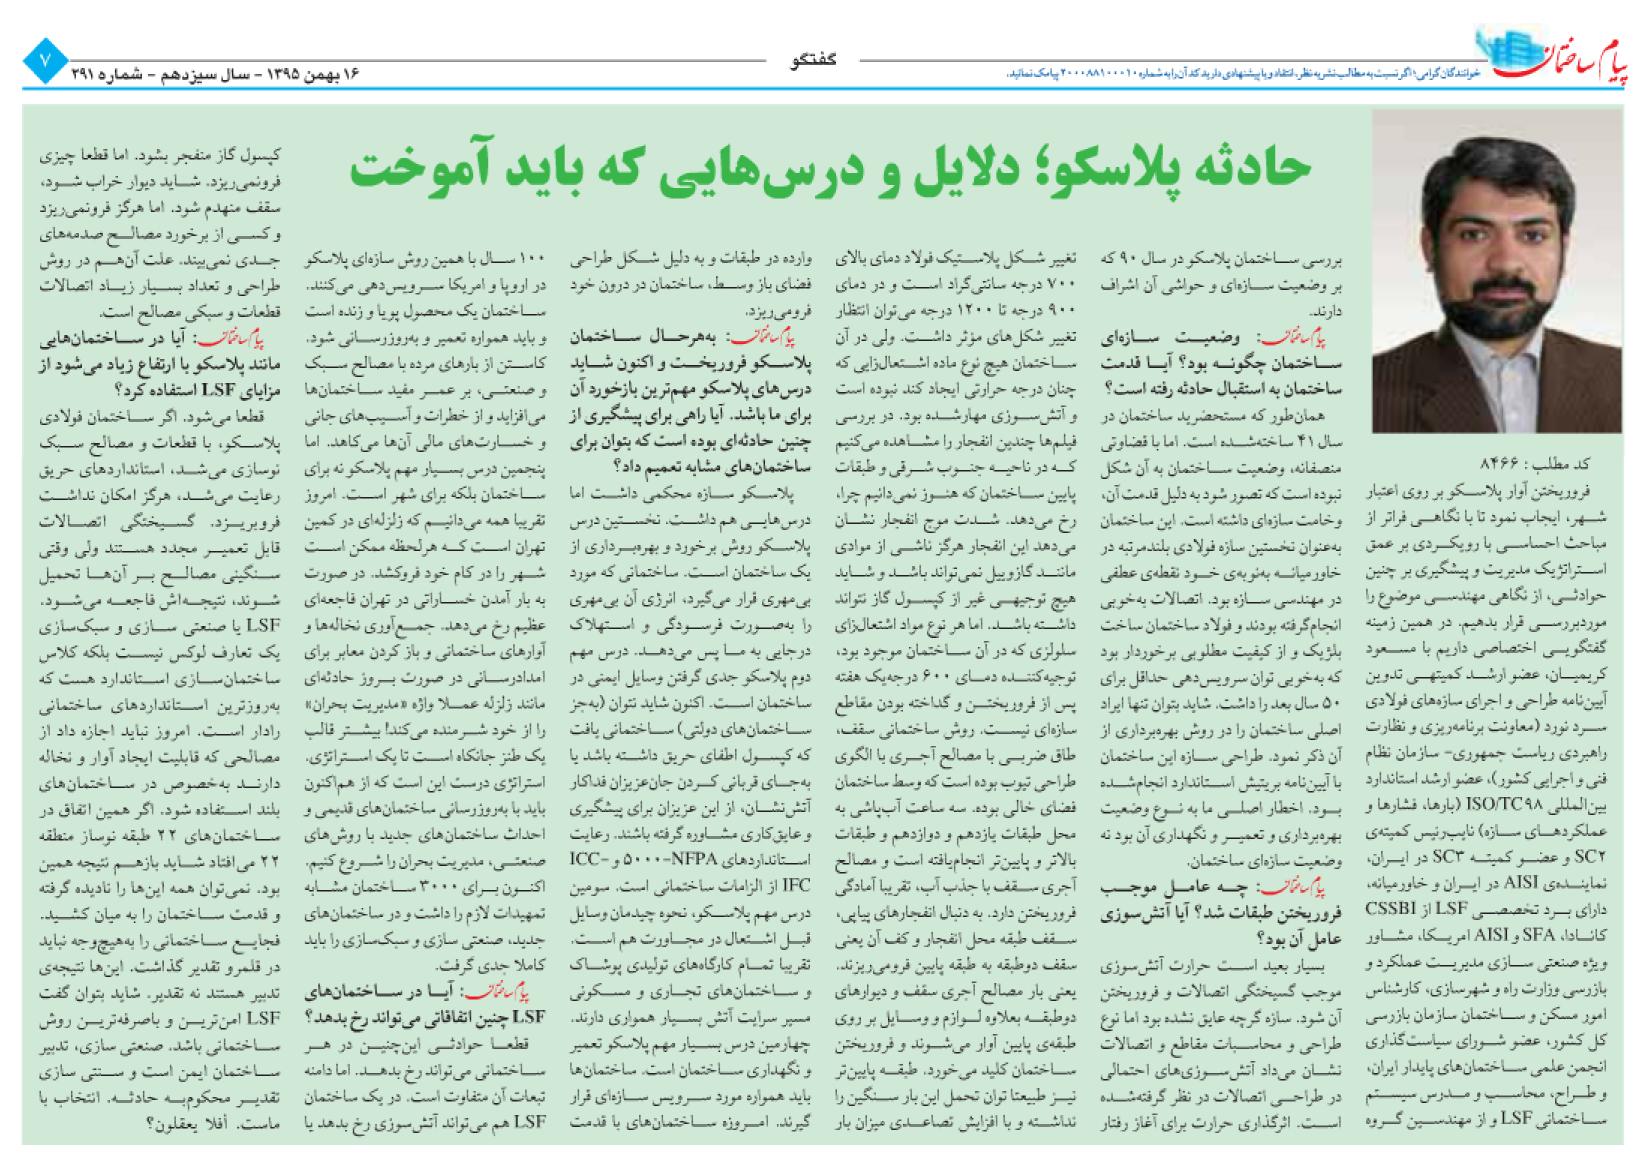 مصاحبه 16 بهمن 95